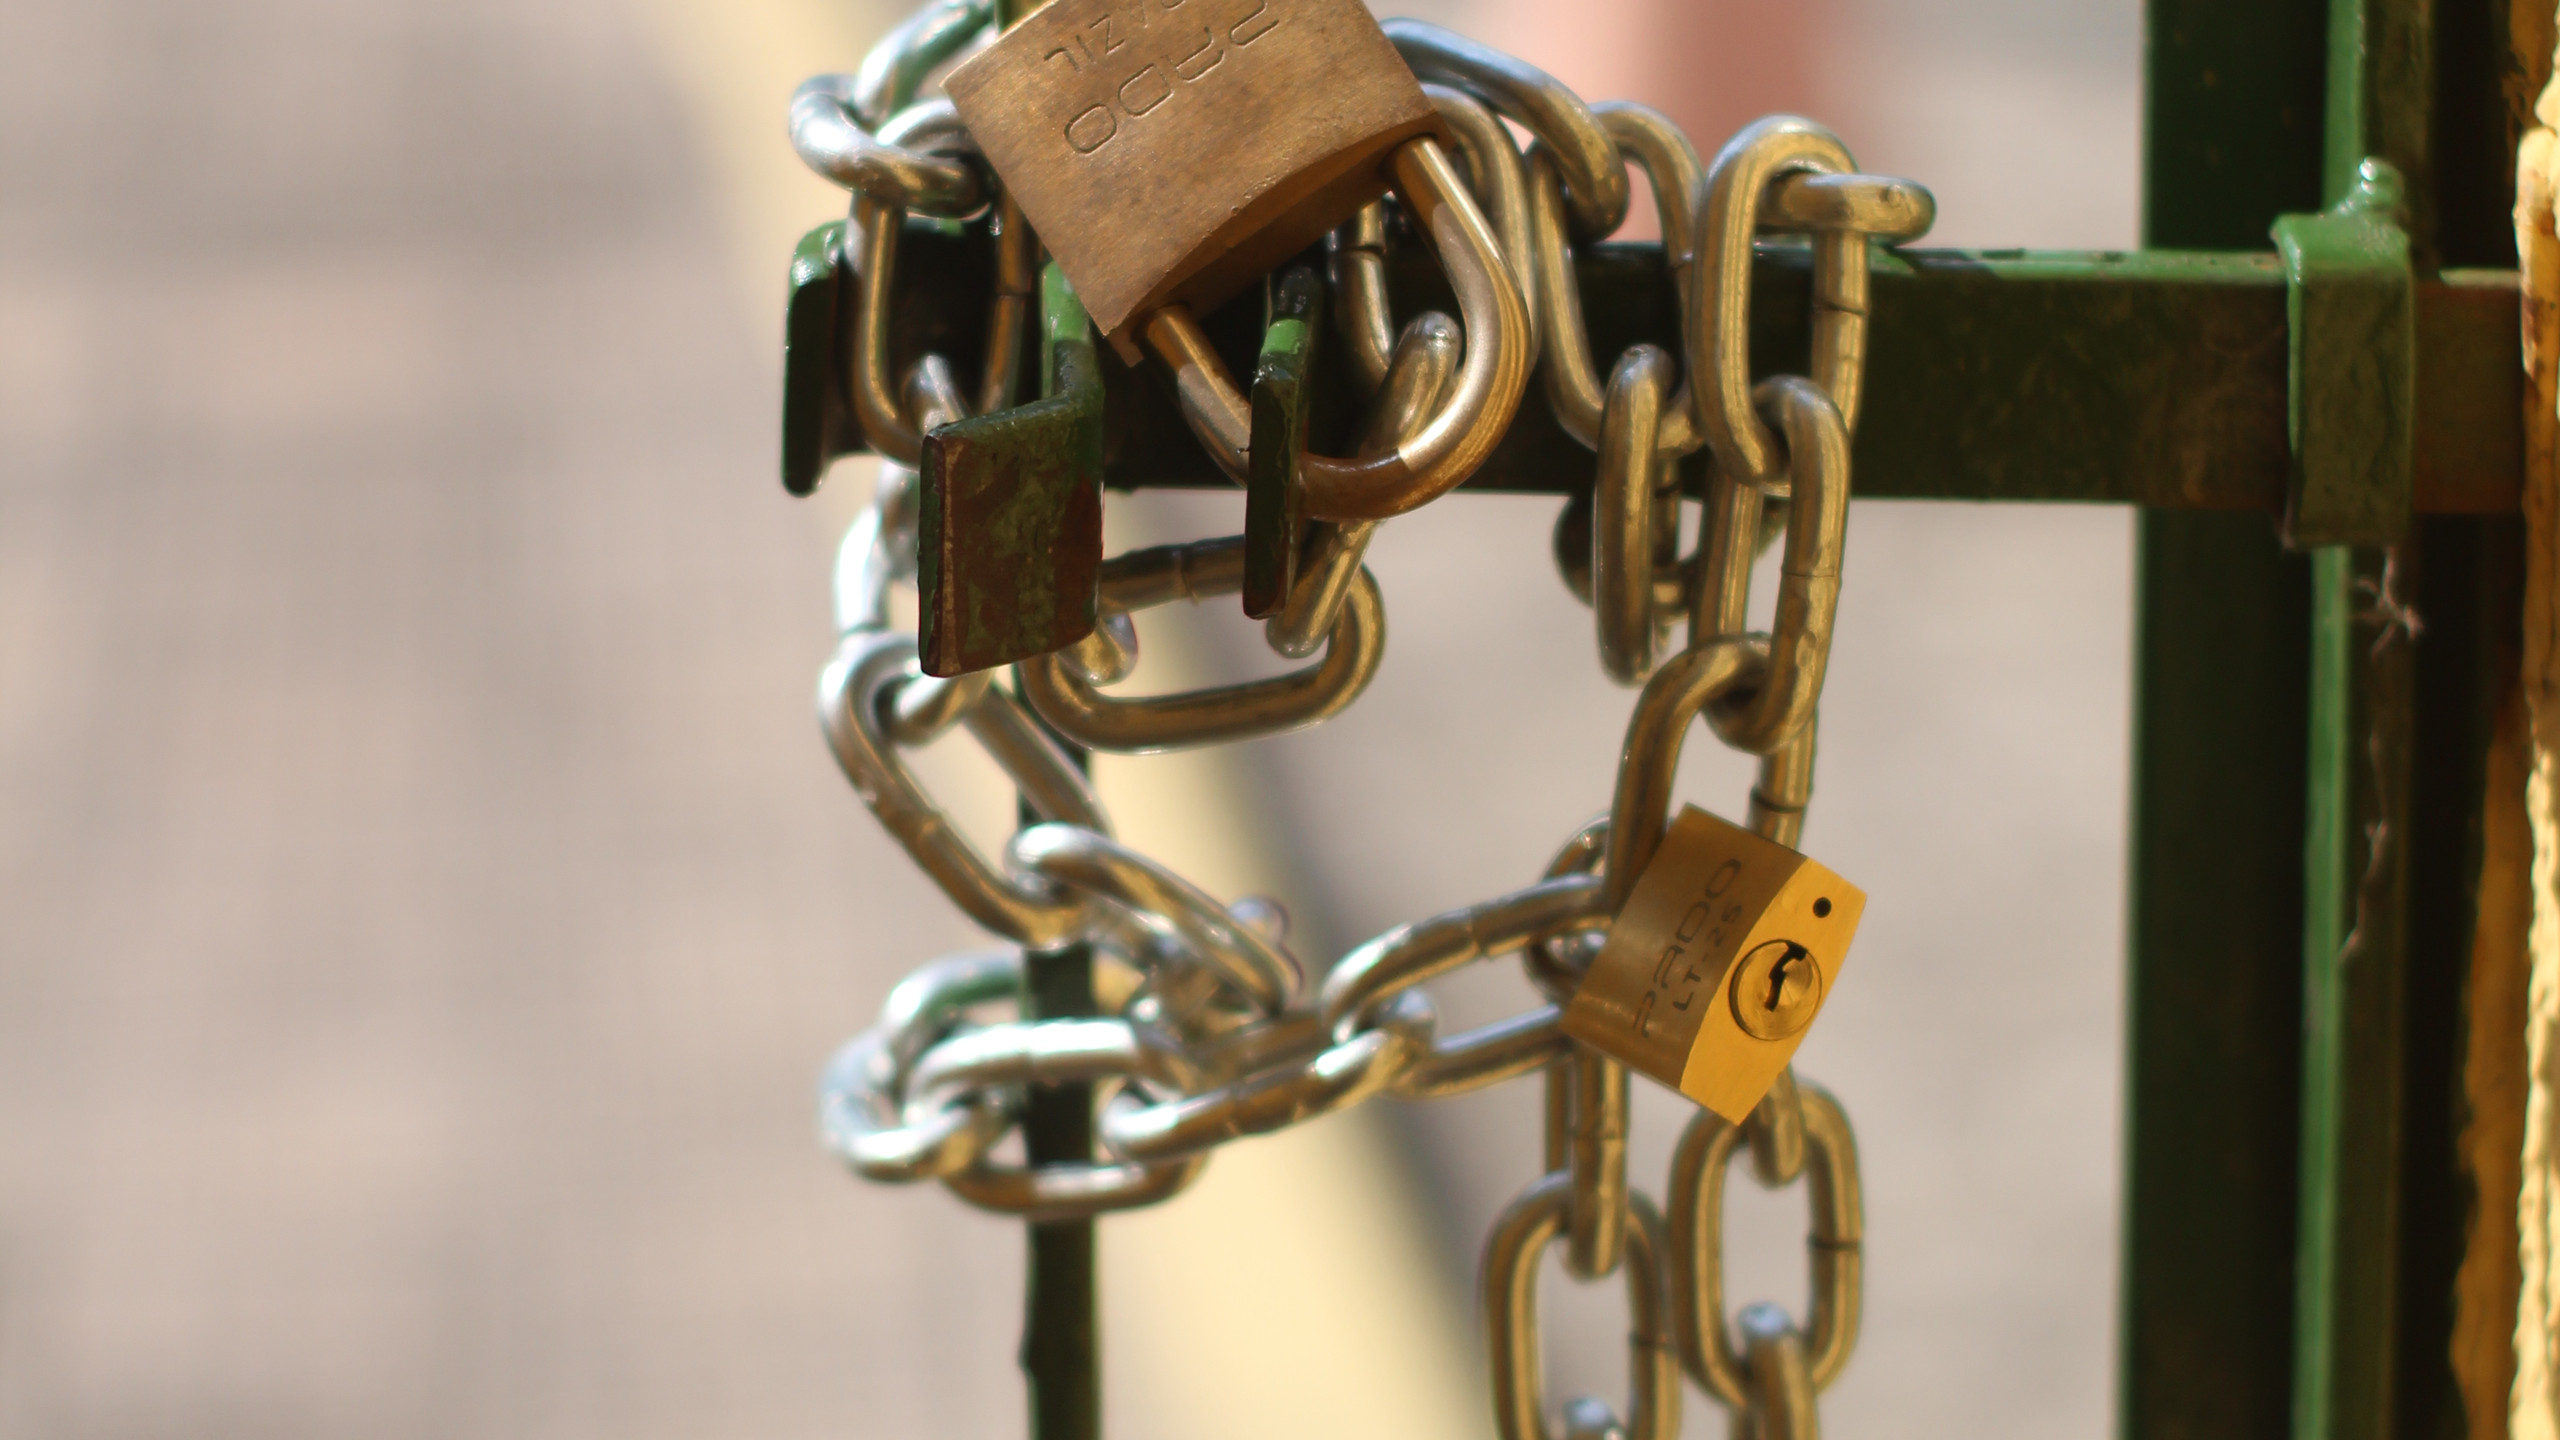 Ao mesmo tempo em que o cadeiraço acontecia, os portões da Reitoria eram trancados por outros manifestantes (Foto: Camilo Panzera)